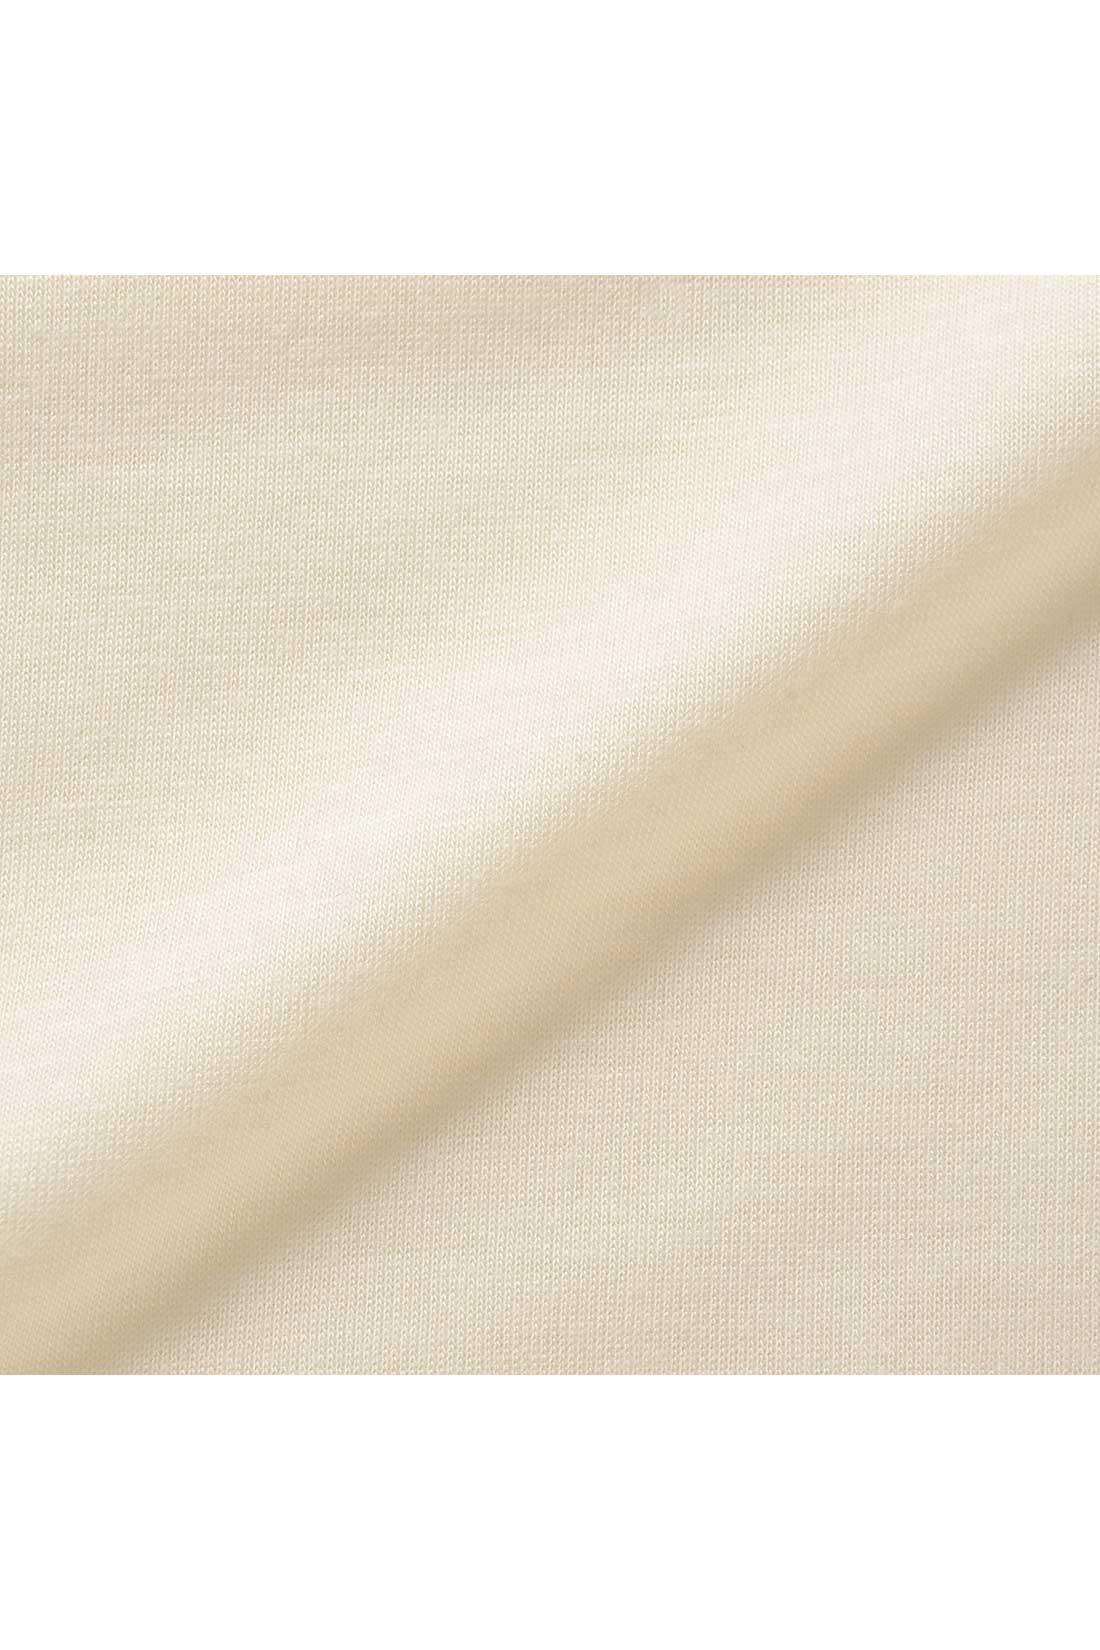 しなやかなレーヨン混のカットソー素材。とろんと上品な風合いが魅力です。